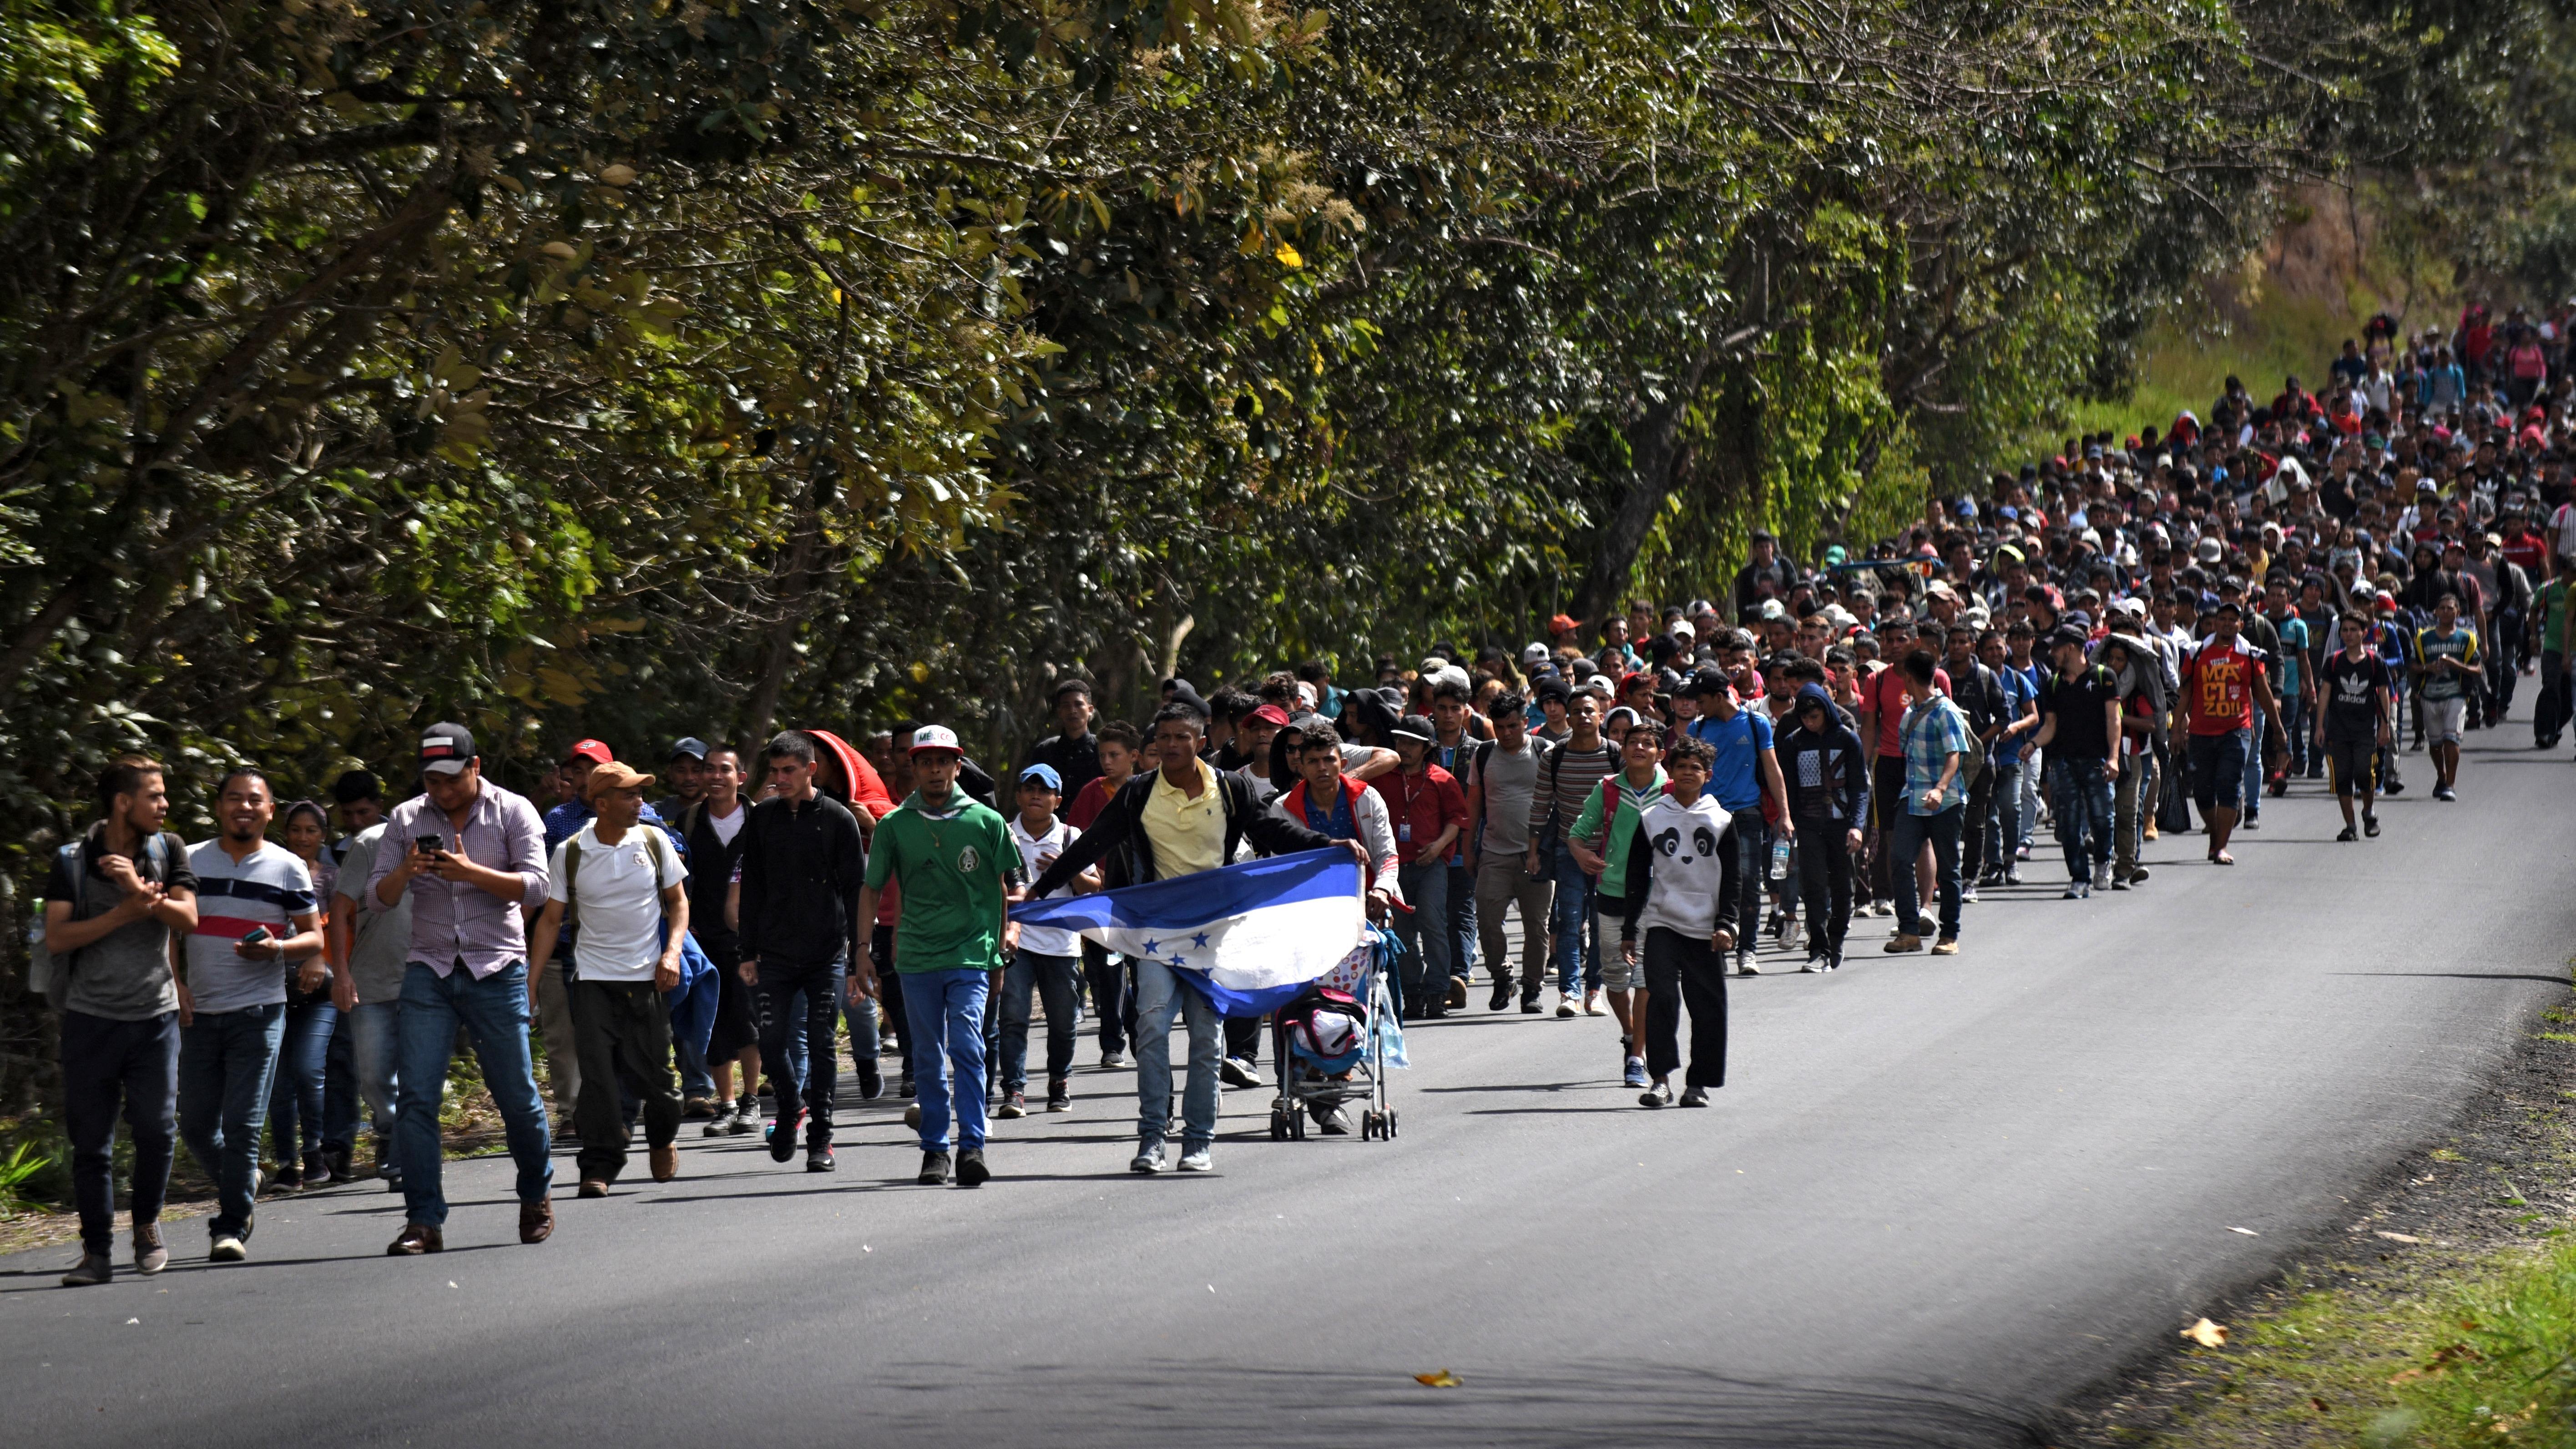 Miles de hondureños, salvadoreños y guatemaltecos, empezaron a salir en caravanas desde el último trimestre de 2018 cruzando México para llegar a Estados Unidos, huyendo de la violencia y la pobreza en sus países.